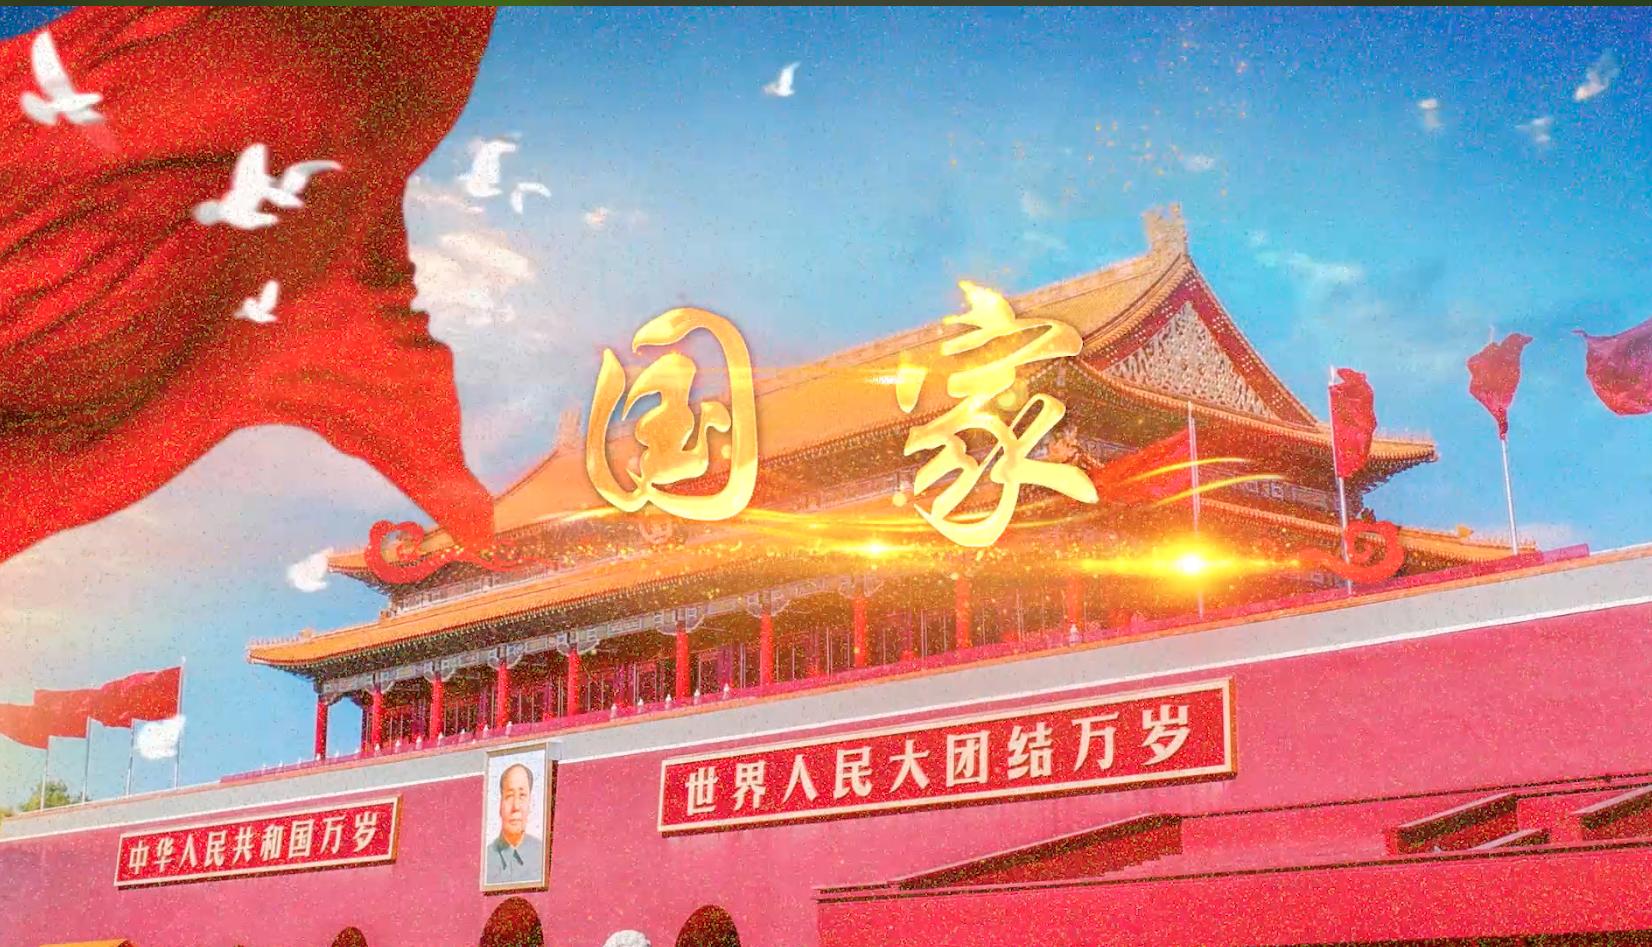 屏幕快照 2020 06 22 下午11.13.59 - 歌曲国家配乐成品LED舞台背景视频素材